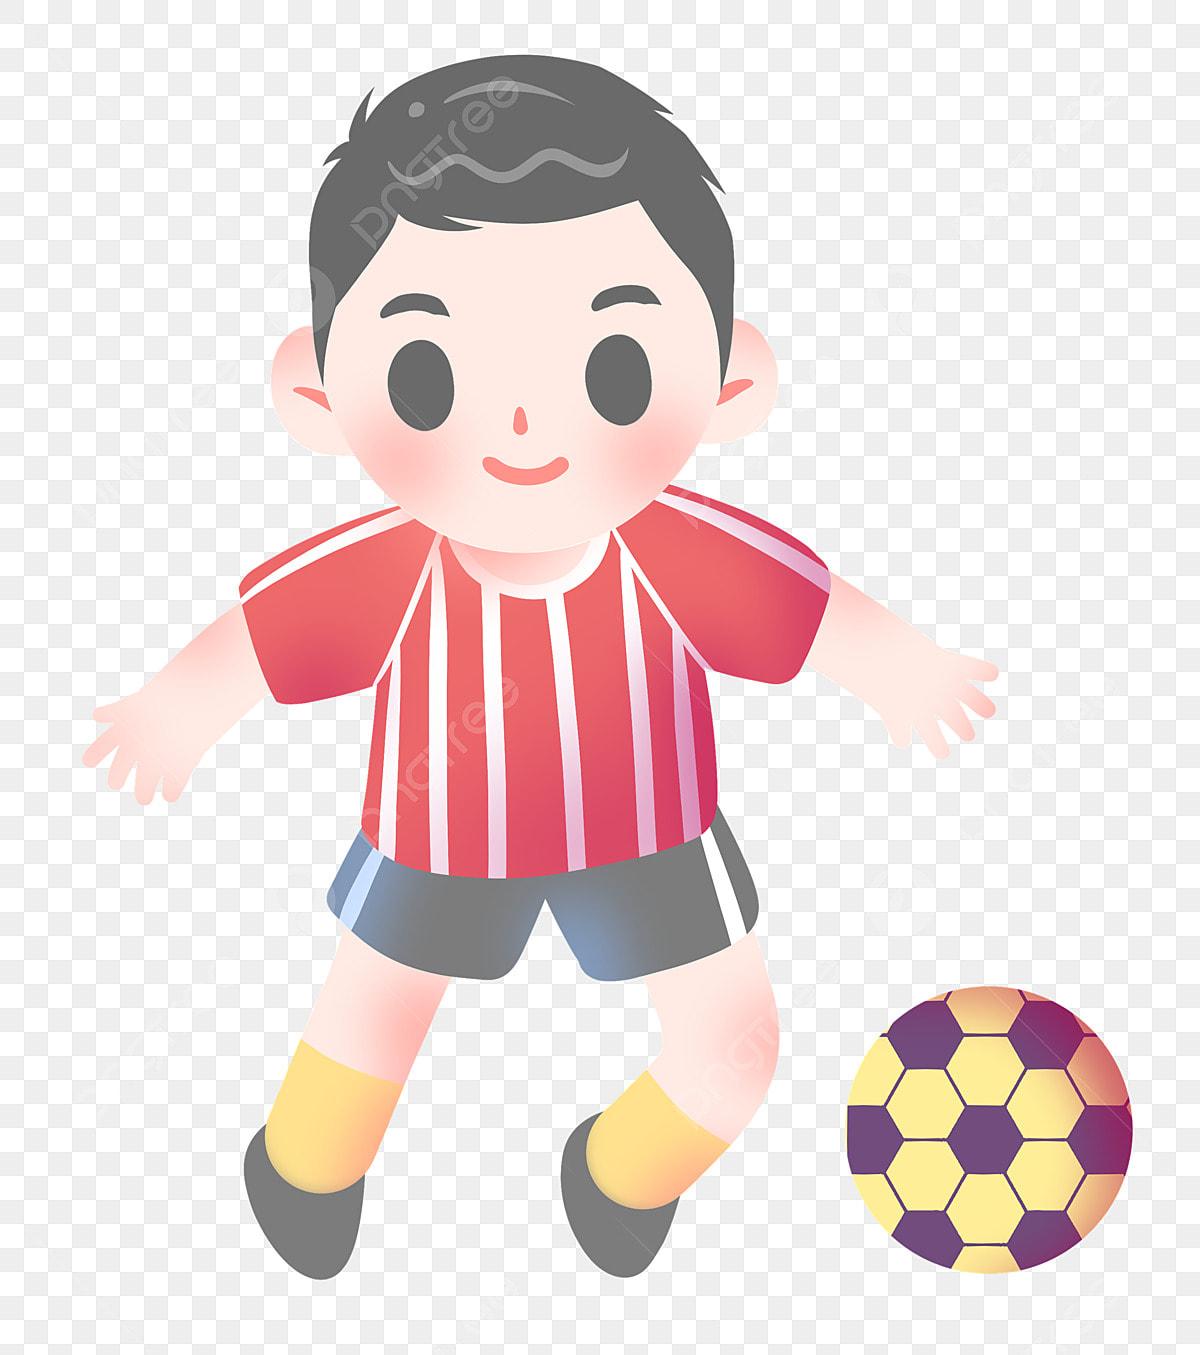 Gambar Budak Lelaki Lucu Bermain Ilustrasi Bola Sepak Budak Comel Budak Bola Sepak Lelaki Comel Png Dan Psd Untuk Muat Turun Percuma